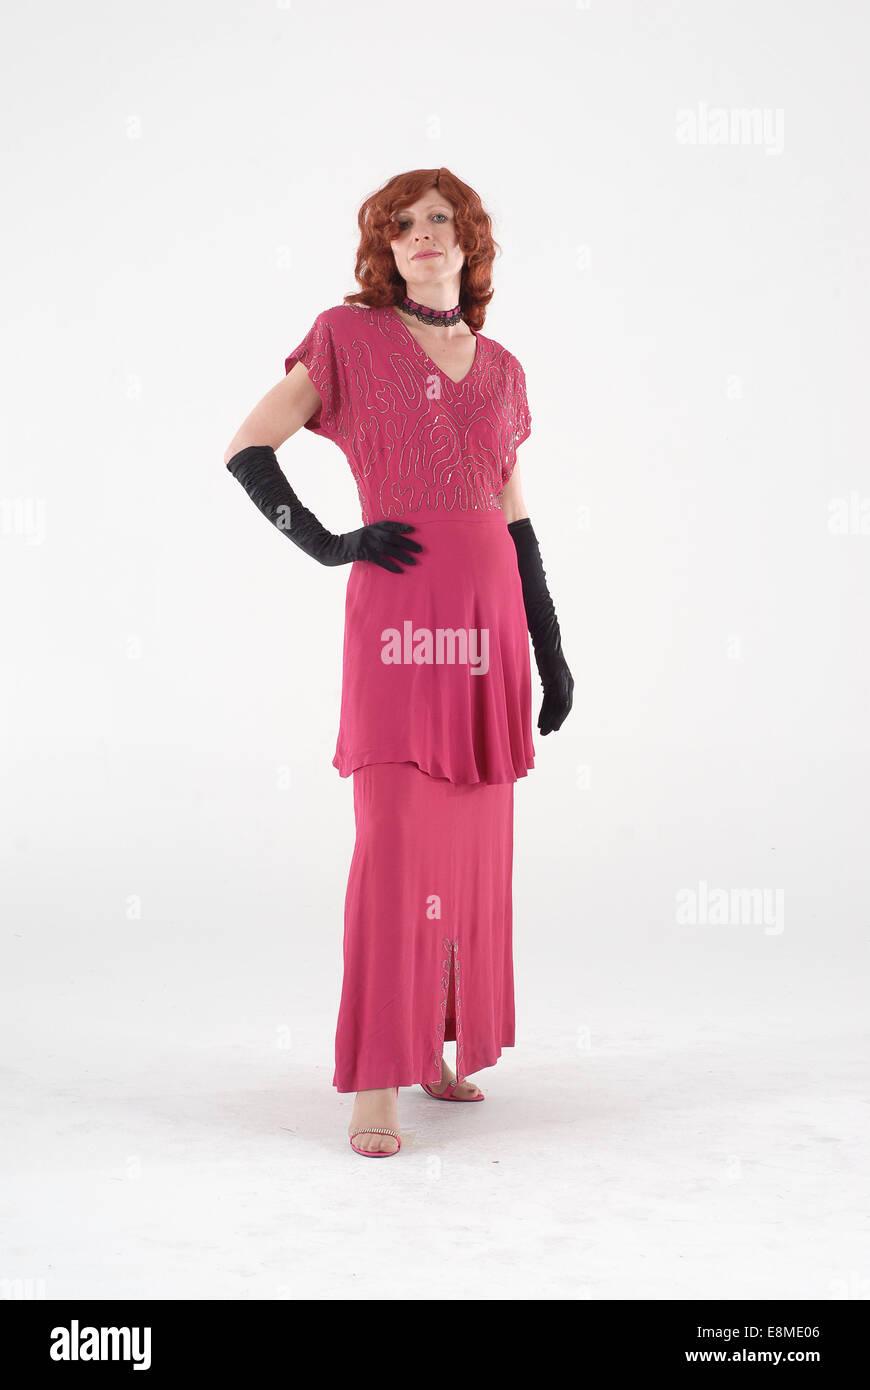 43e603e99 Mujer en vestidos de traje de comedia en 1960 moda ropa divertida y loca